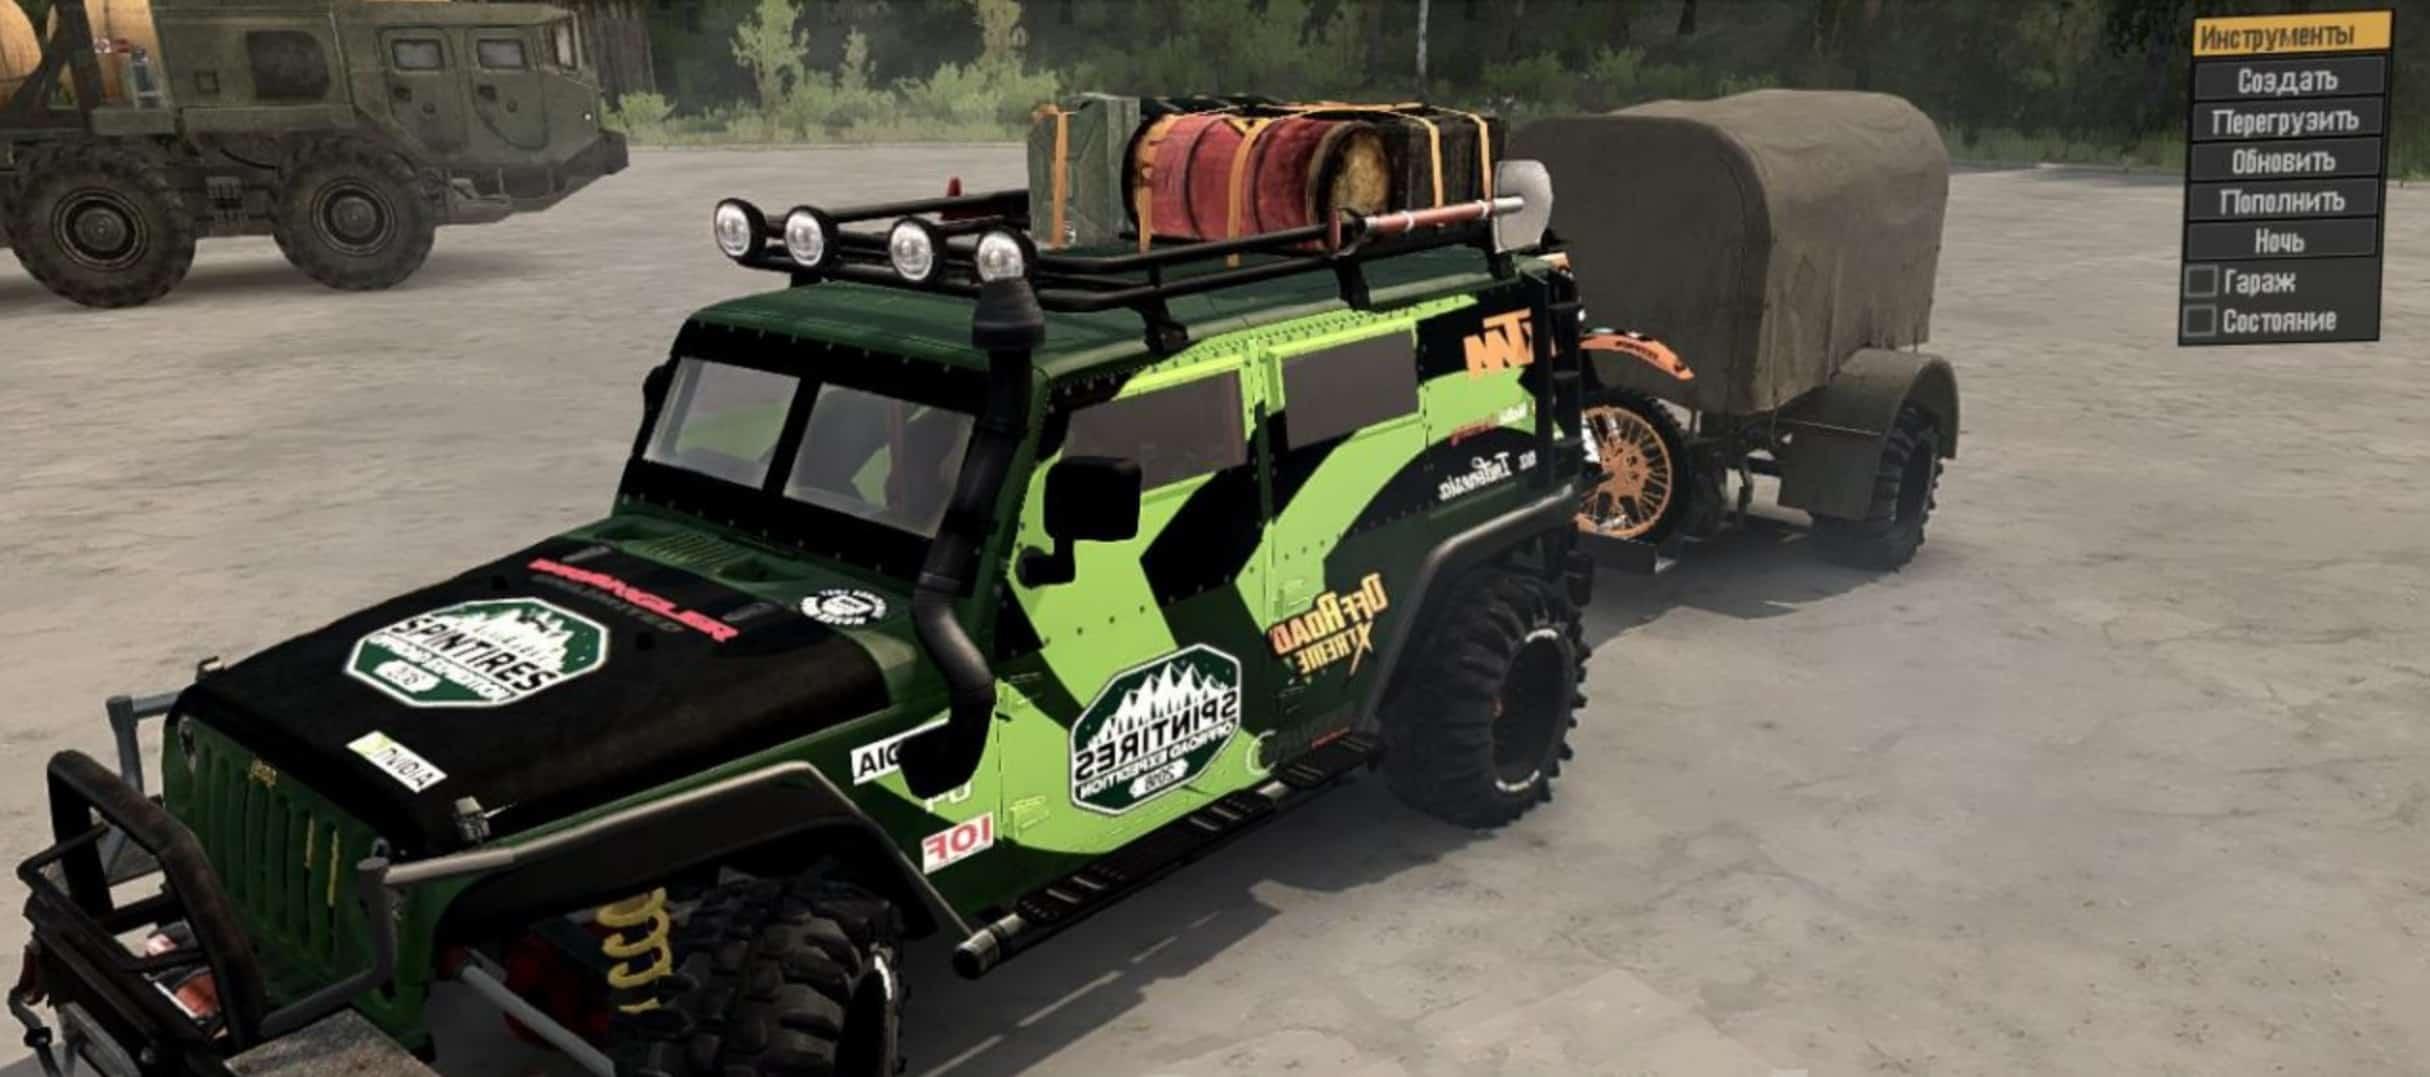 Jeep Wrangler Diesel v30 01 18 Spintires MudRunner Mod